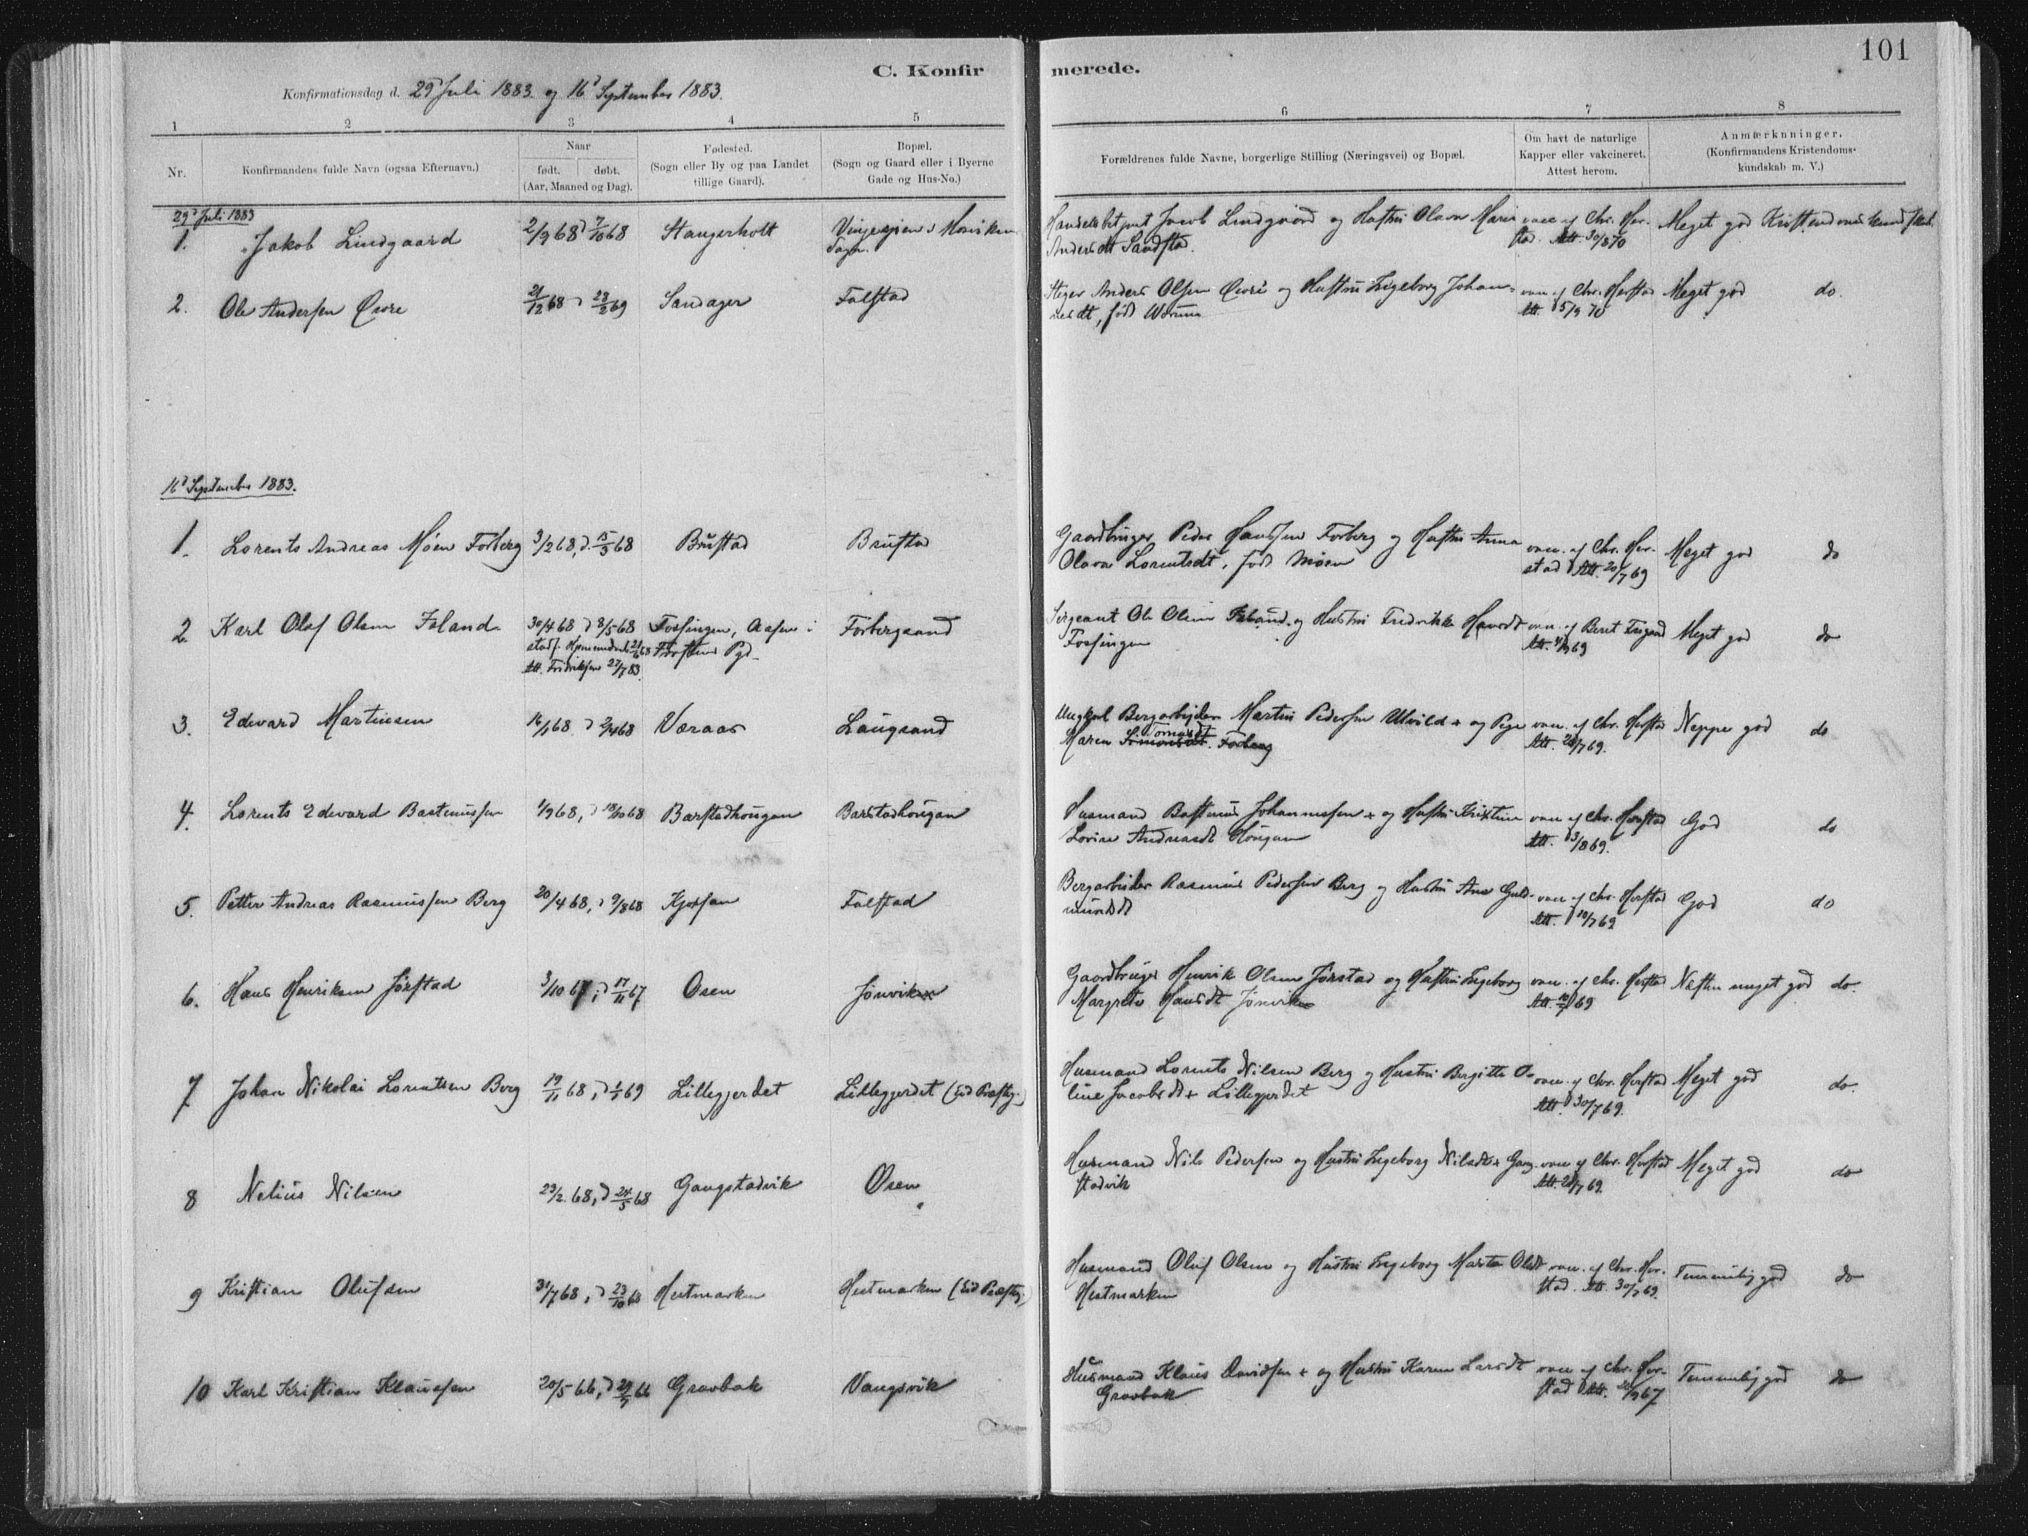 SAT, Ministerialprotokoller, klokkerbøker og fødselsregistre - Nord-Trøndelag, 722/L0220: Ministerialbok nr. 722A07, 1881-1908, s. 101